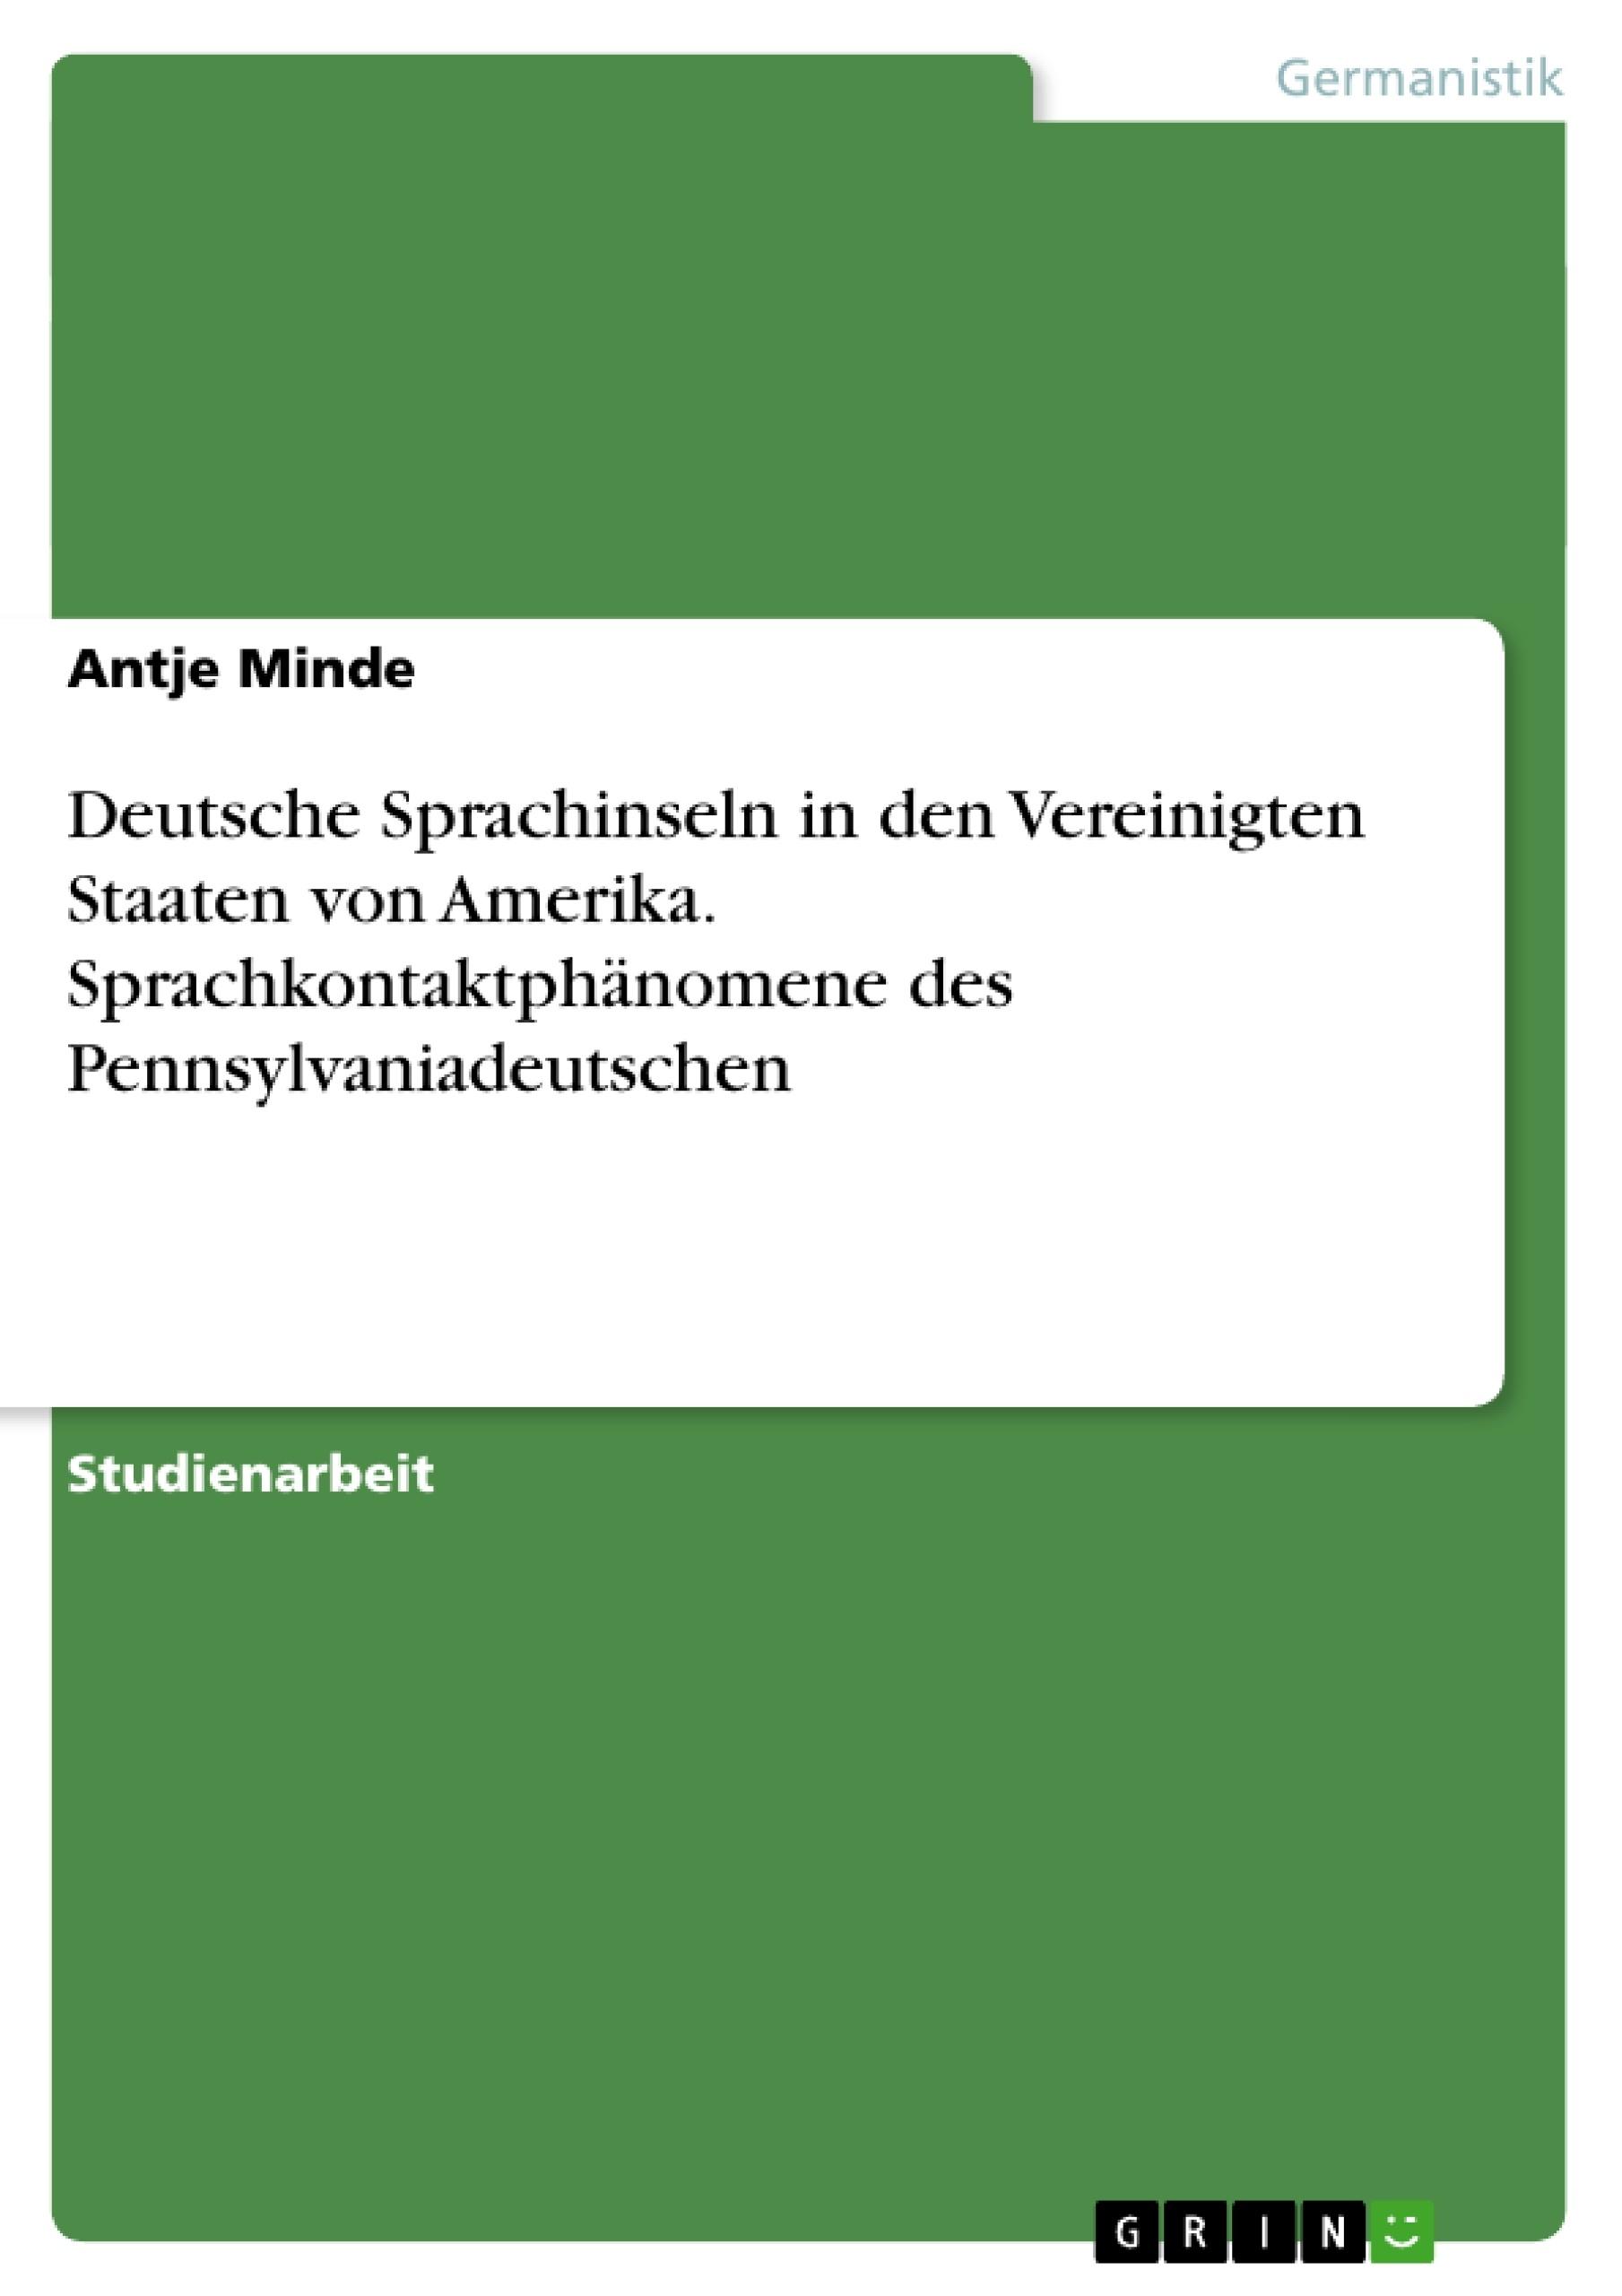 Titel: Deutsche Sprachinseln in den Vereinigten Staaten von Amerika. Sprachkontaktphänomene des Pennsylvaniadeutschen